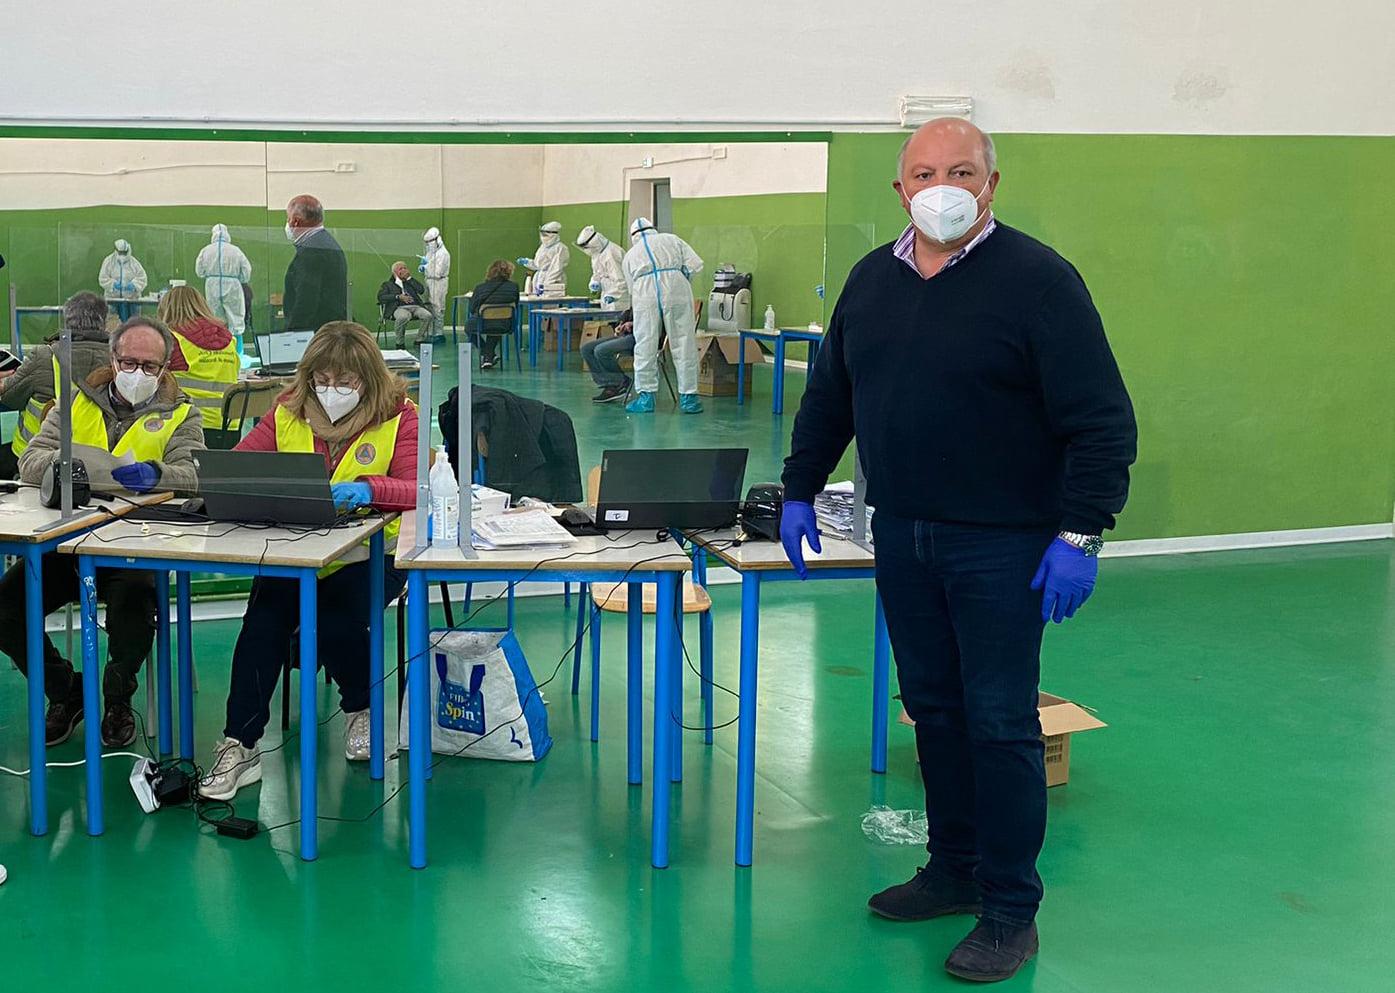 Screening di Avezzano: eseguiti oltre 1500 test, 6 positivi